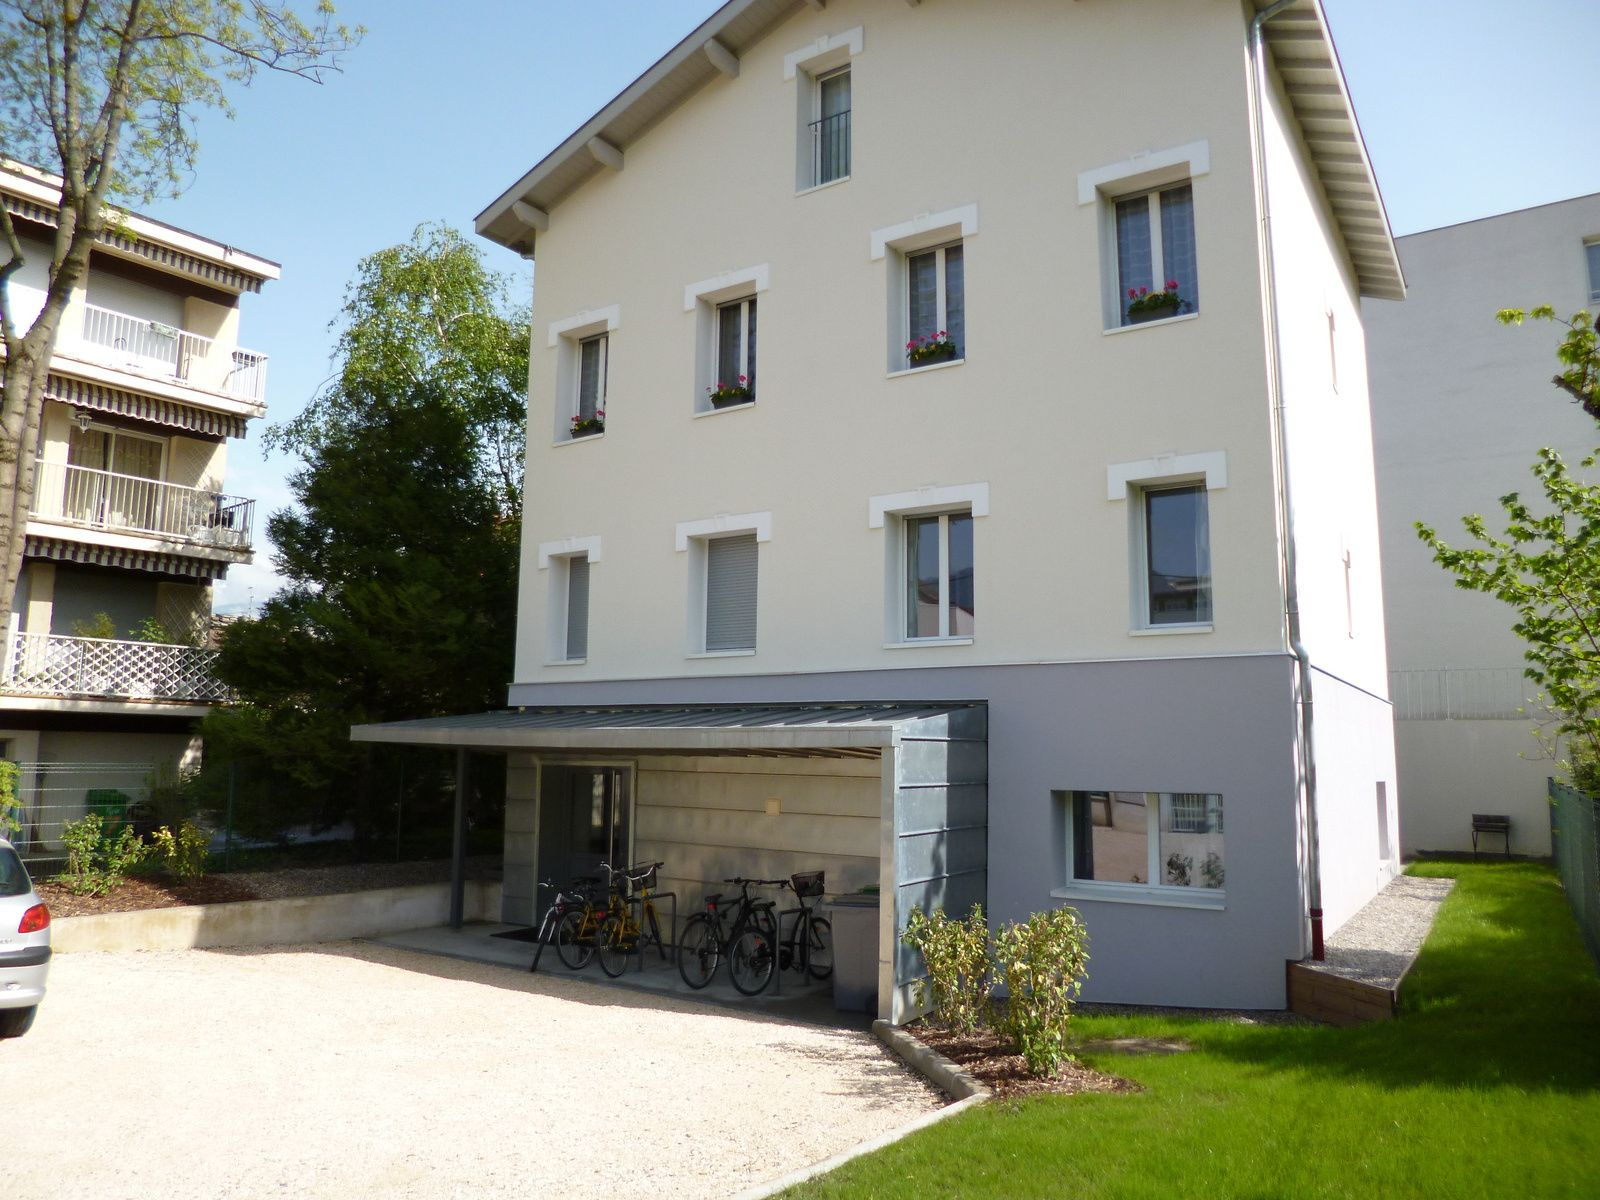 Maison Perreau GRENOBLE Entre Domaine Universitaire Et Centre - Ustensiles de cuisine grenoble